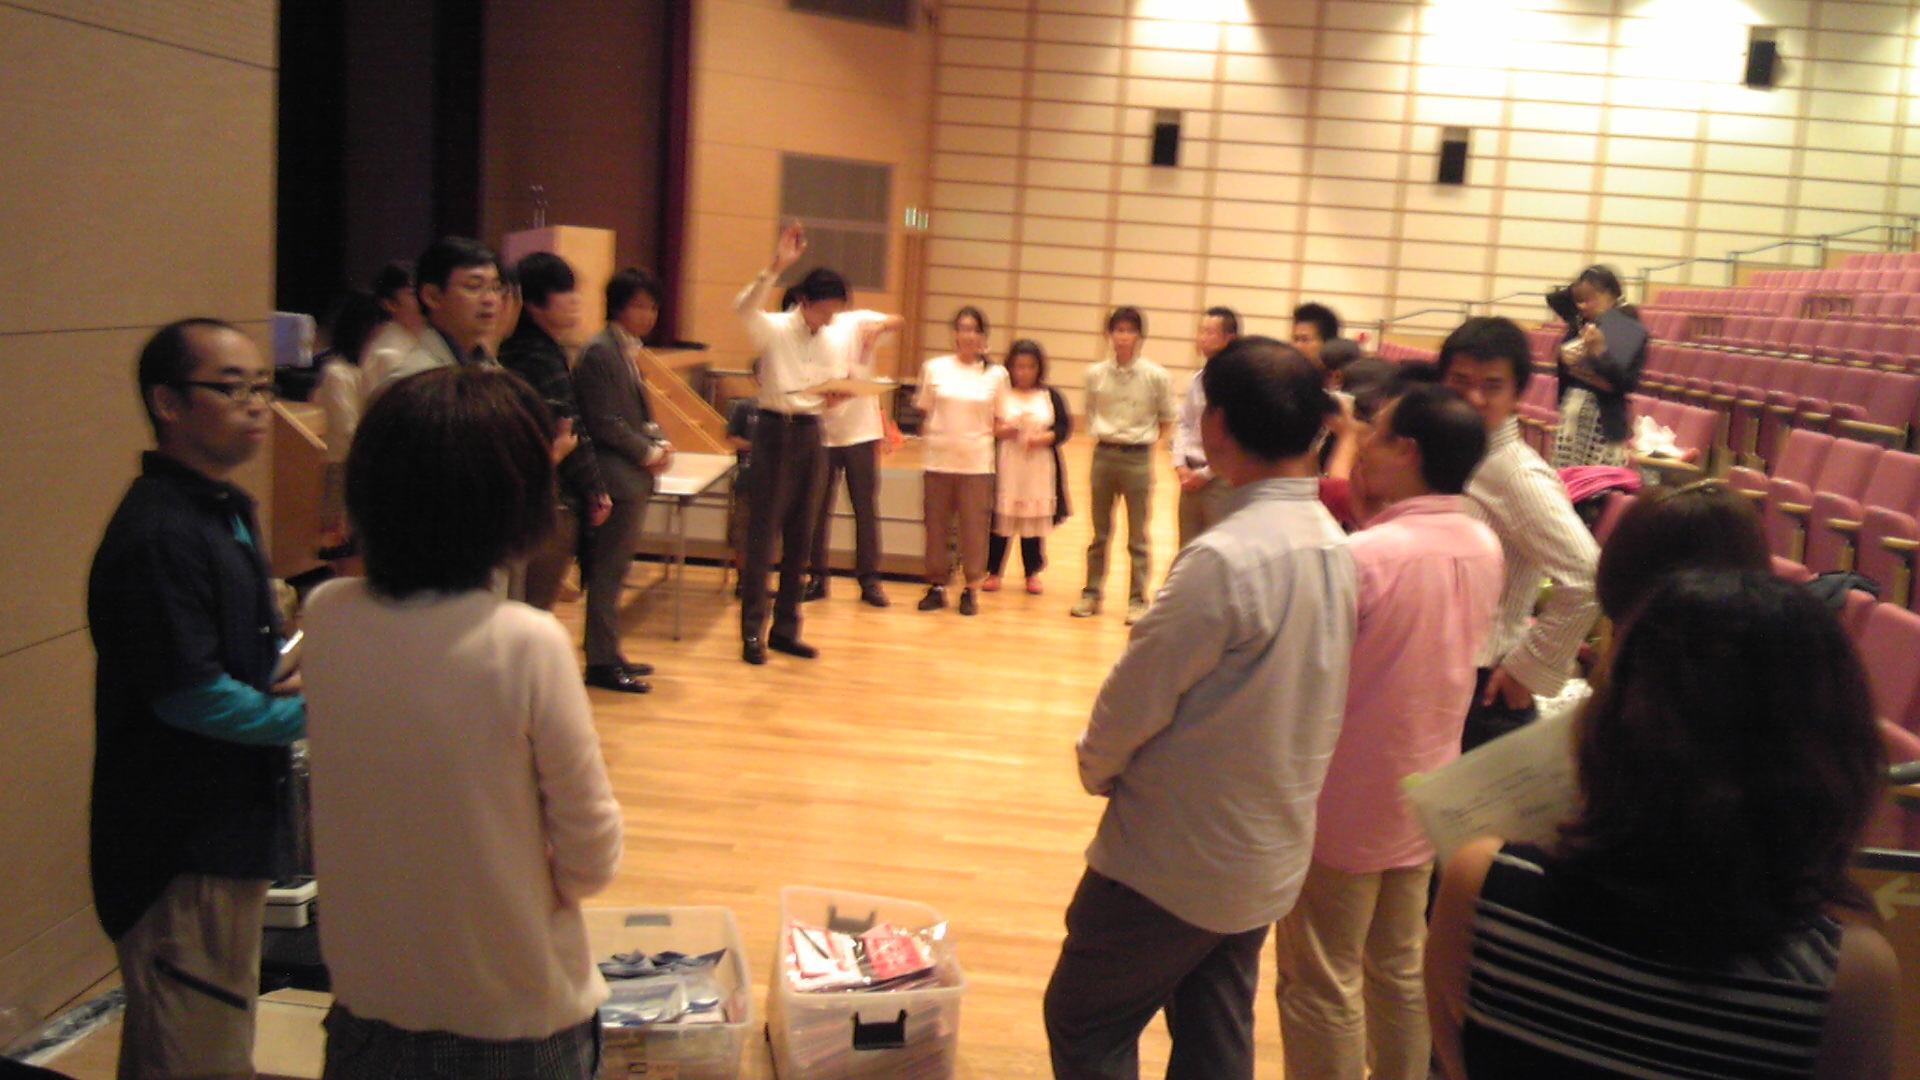 おはようございます!ドリプラ名古屋、スタッフミーティング始まりました!!みんなでお待ちしています!! #dpna_e0142585_9272086.jpg